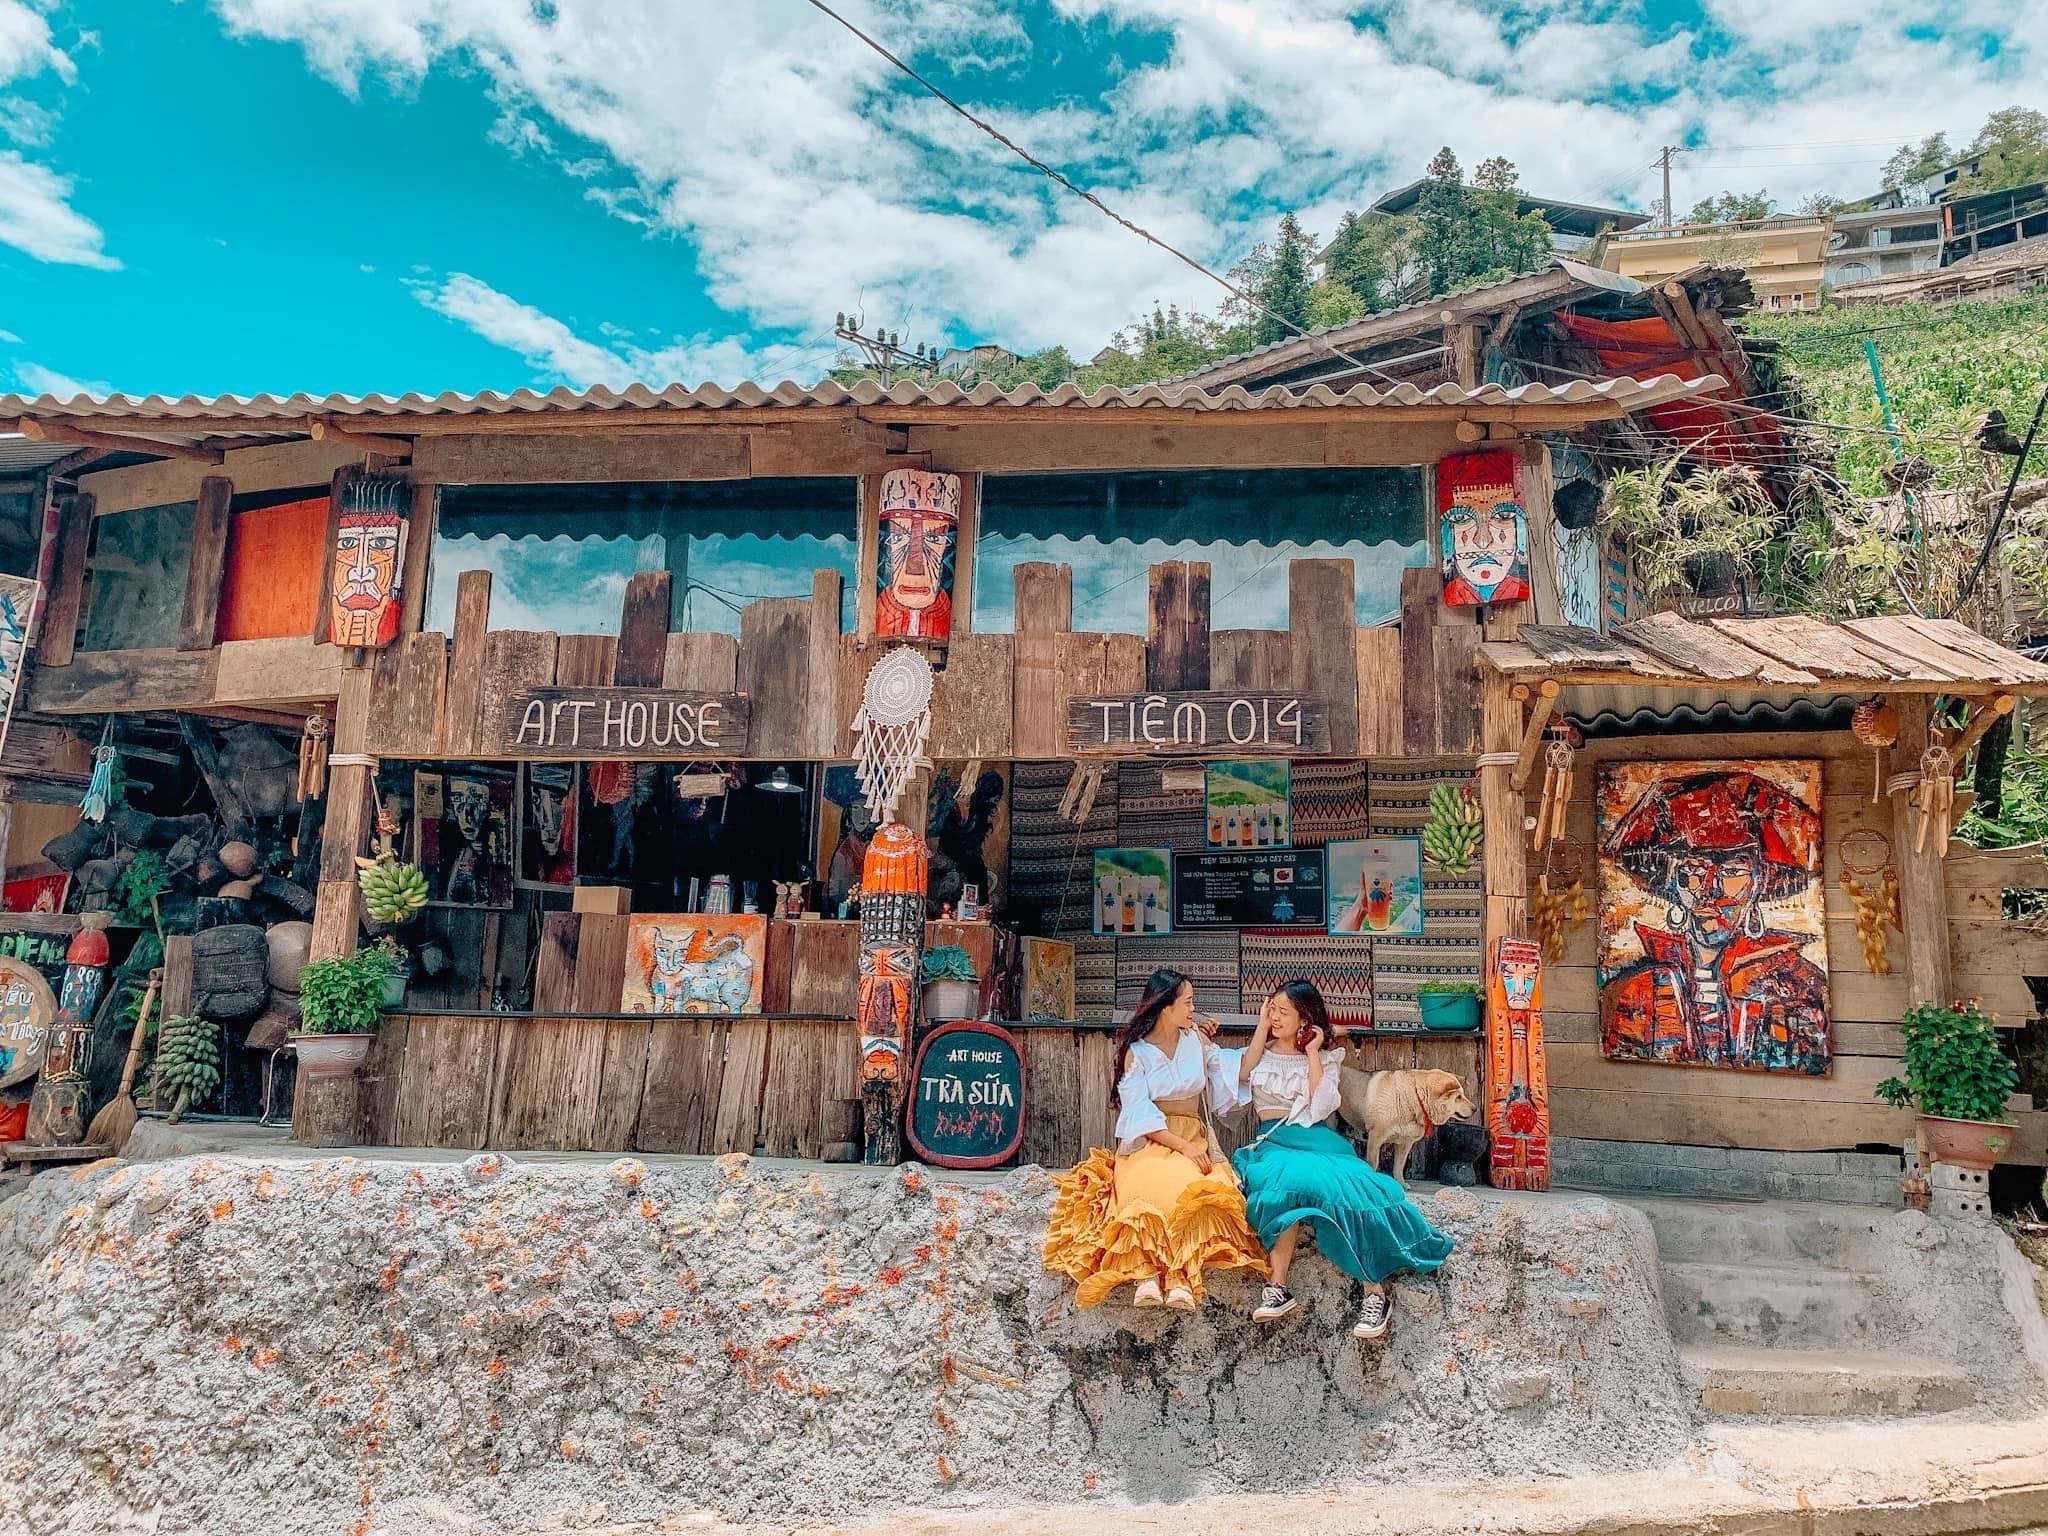 Tour du lịch Sapa từ Bình Dương: Dạo bước thị trấn miền cao cùng vô vàn gói tour hấp dẫn       - Ảnh 9.